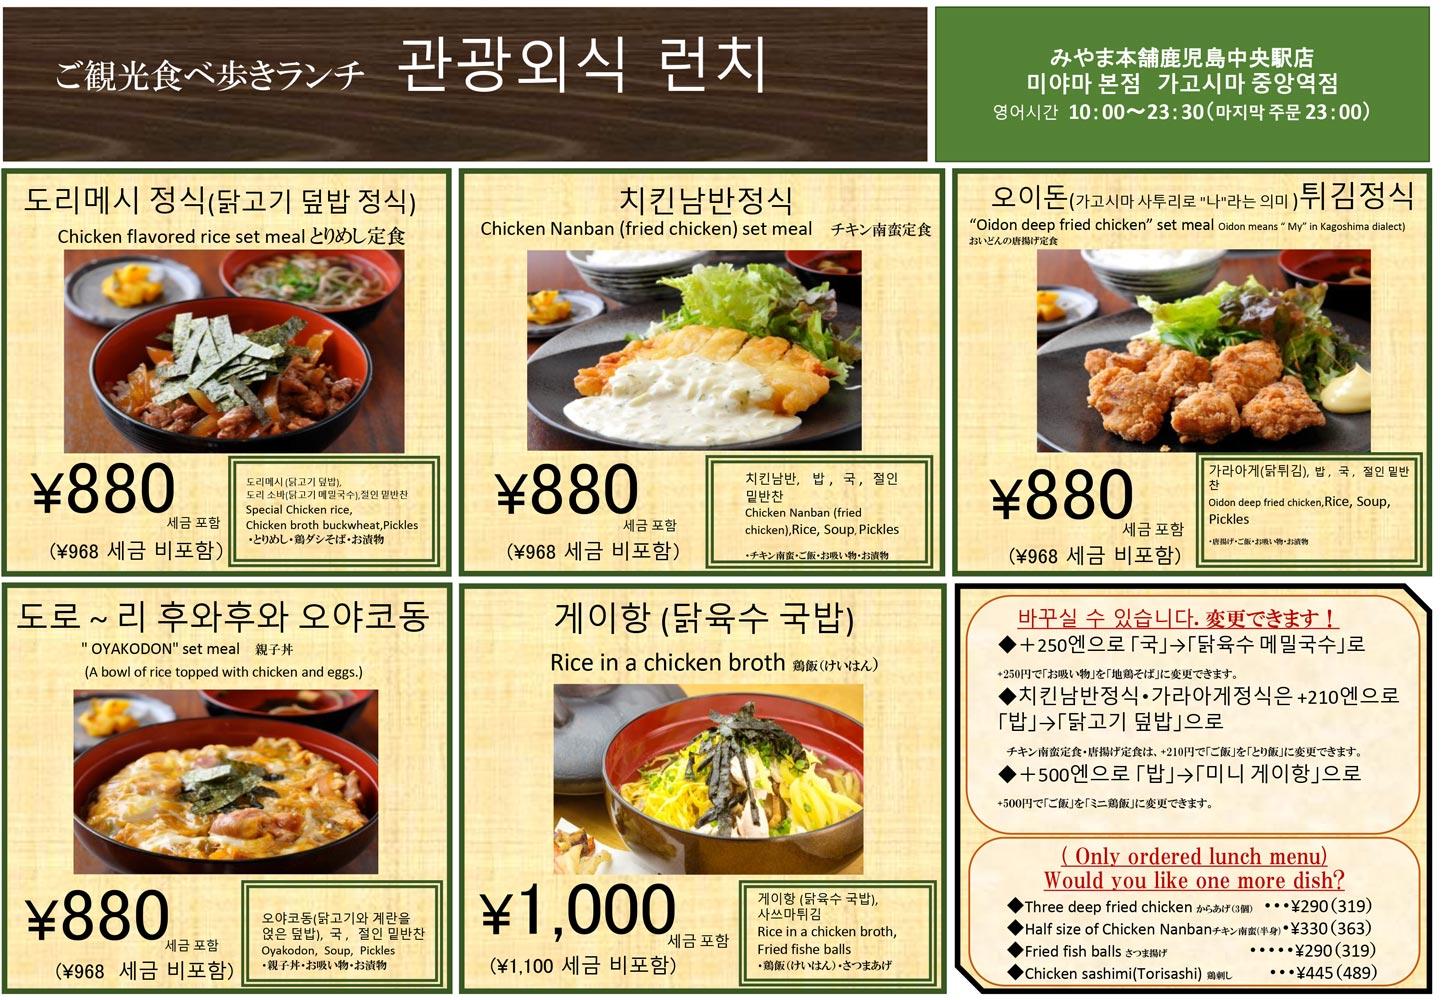 韓国語版ランチメニュー